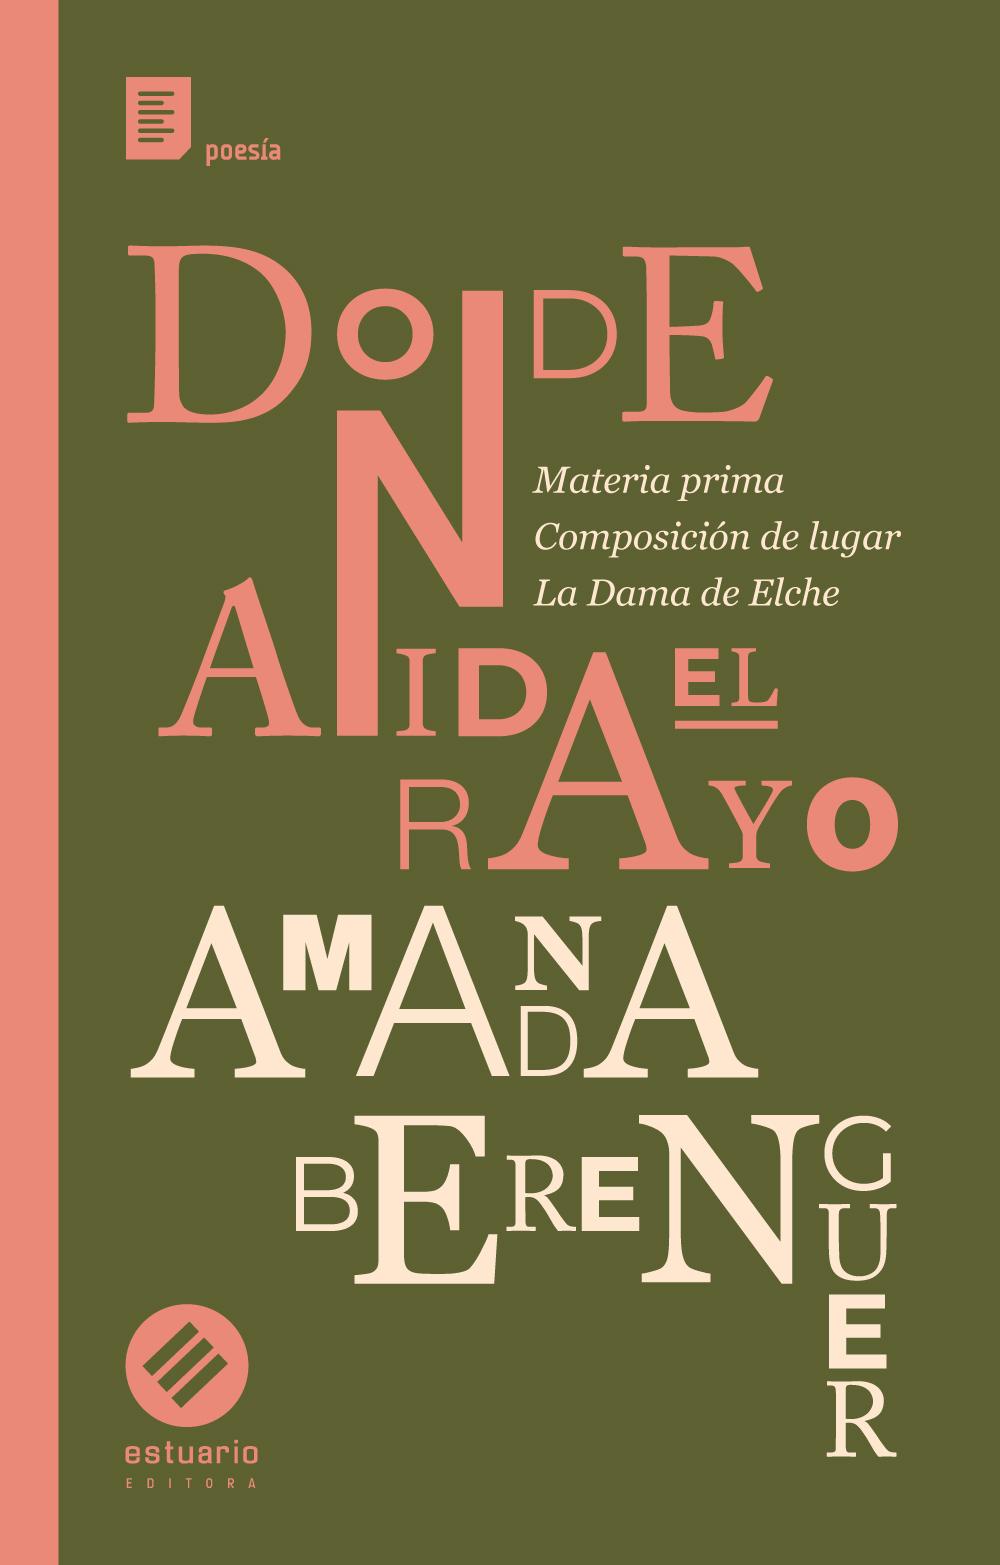 DONDE-ANIDA-EL-RAYO-tapa